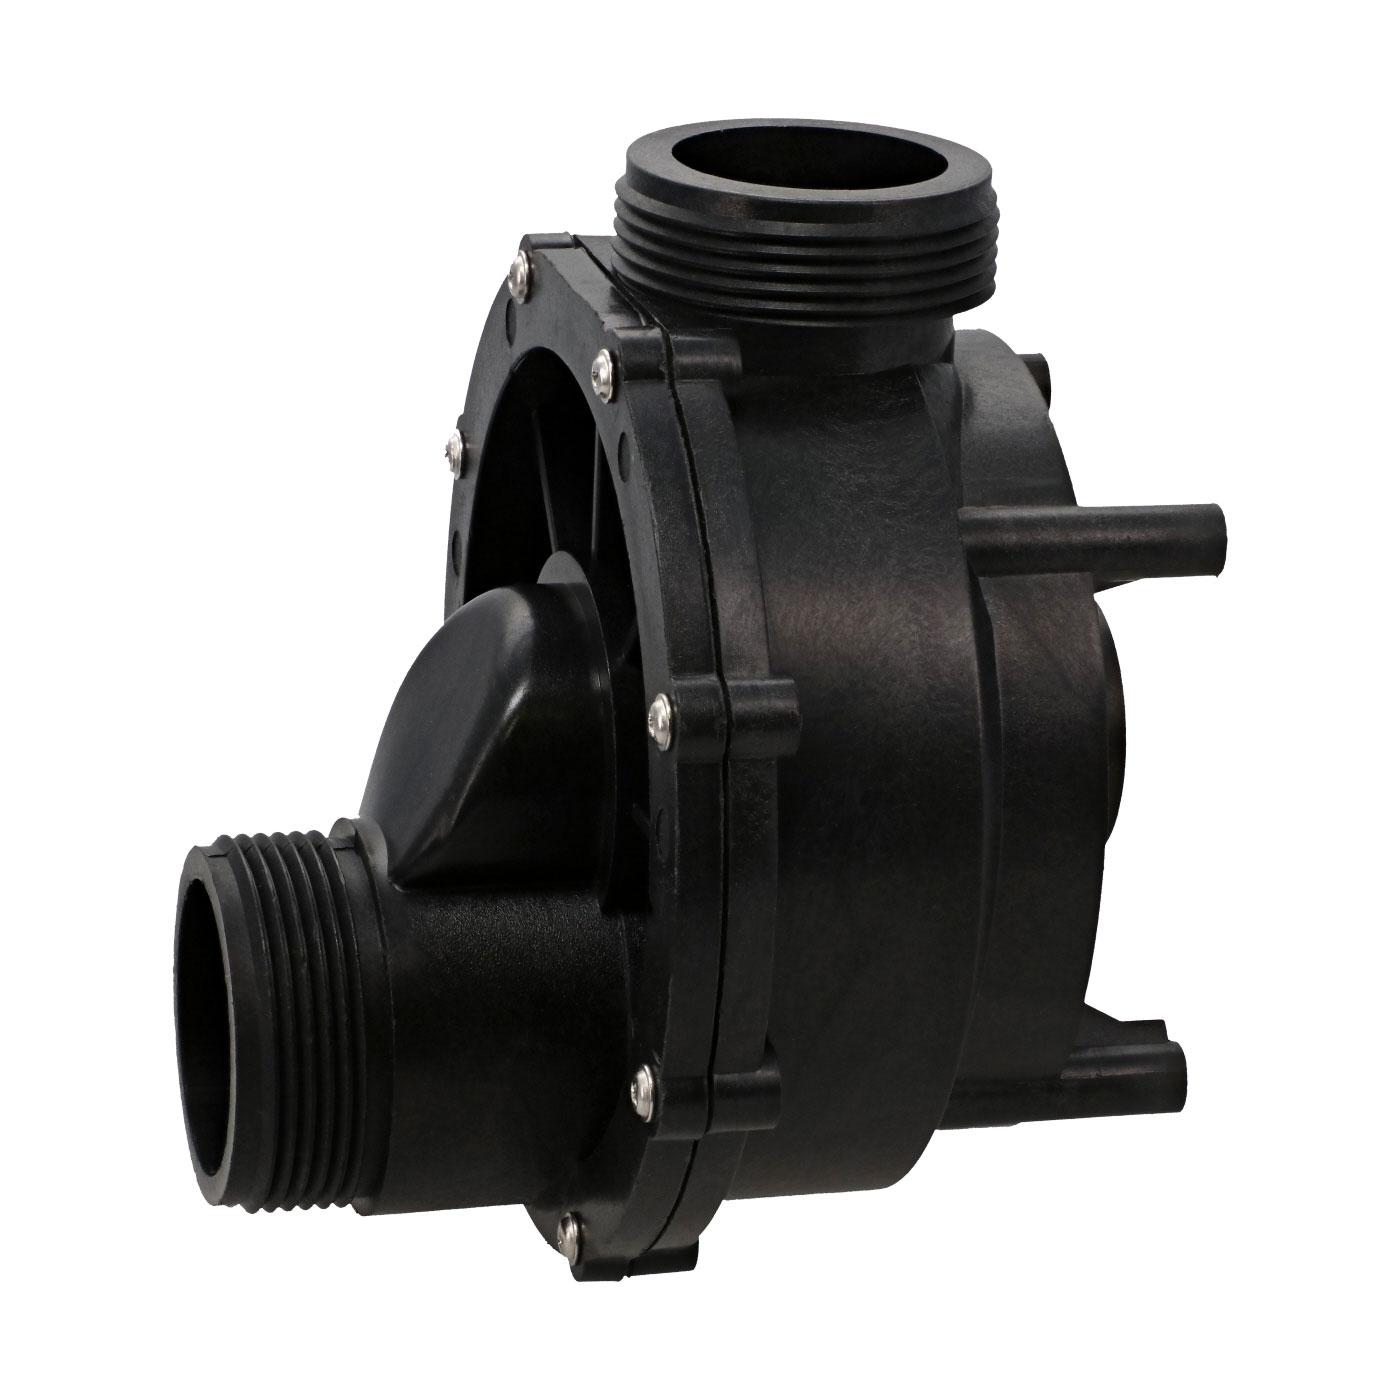 DXD-2A/C Pump Wet End